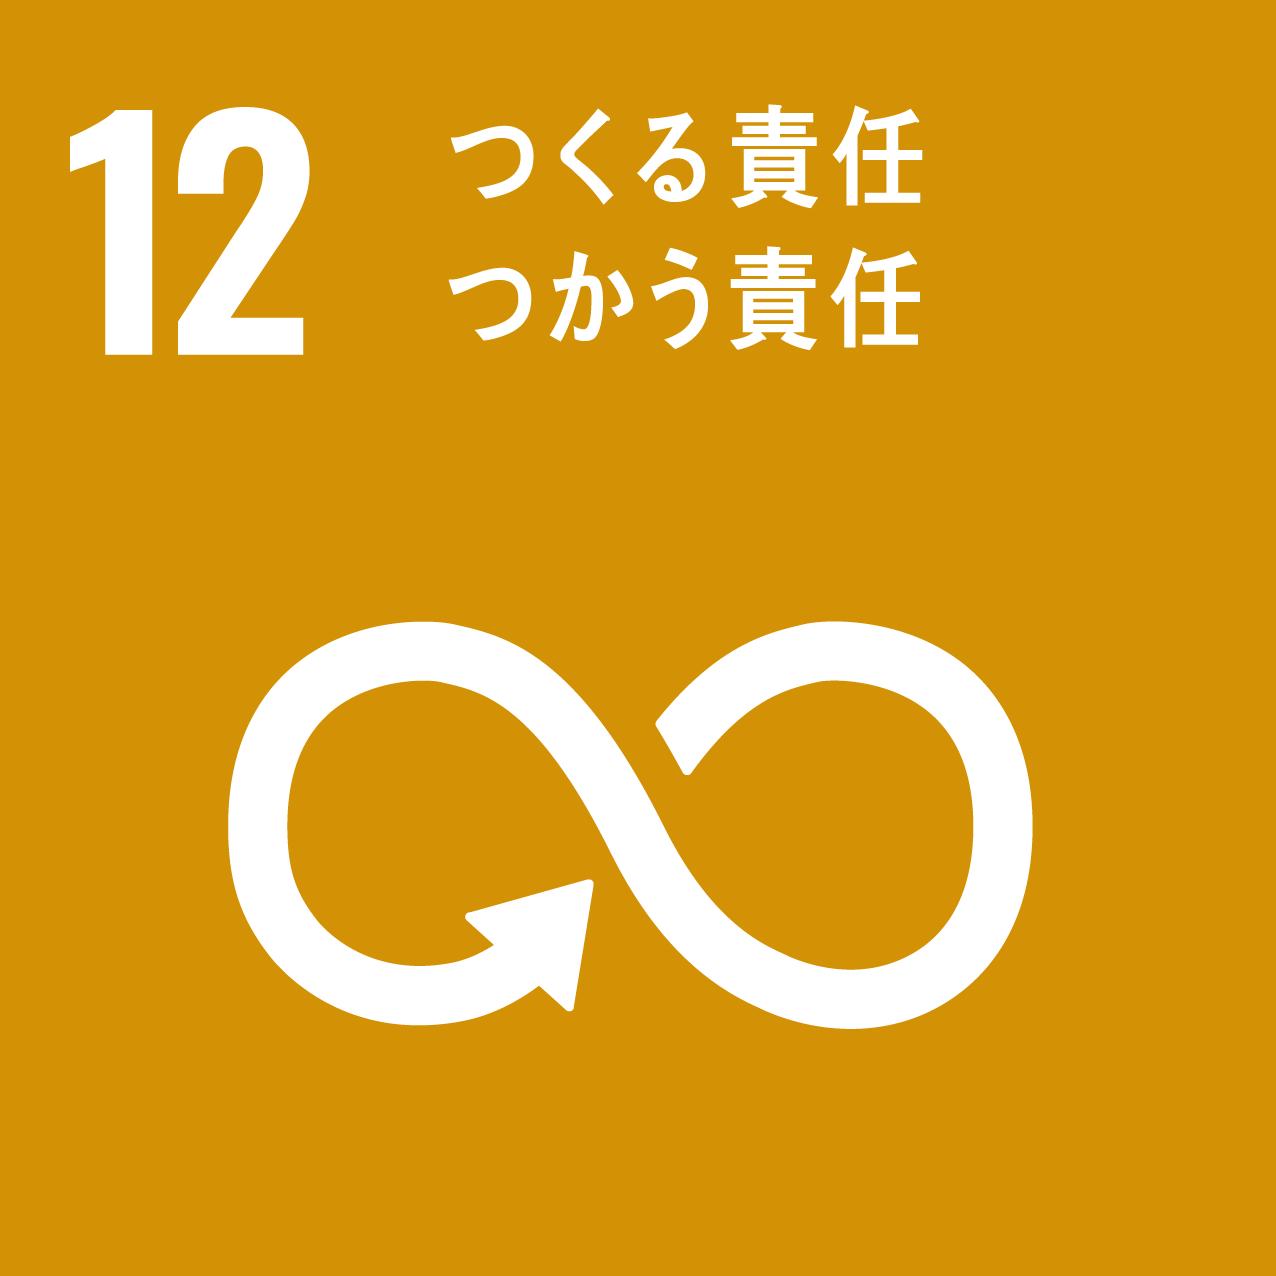 SDG's icon No12